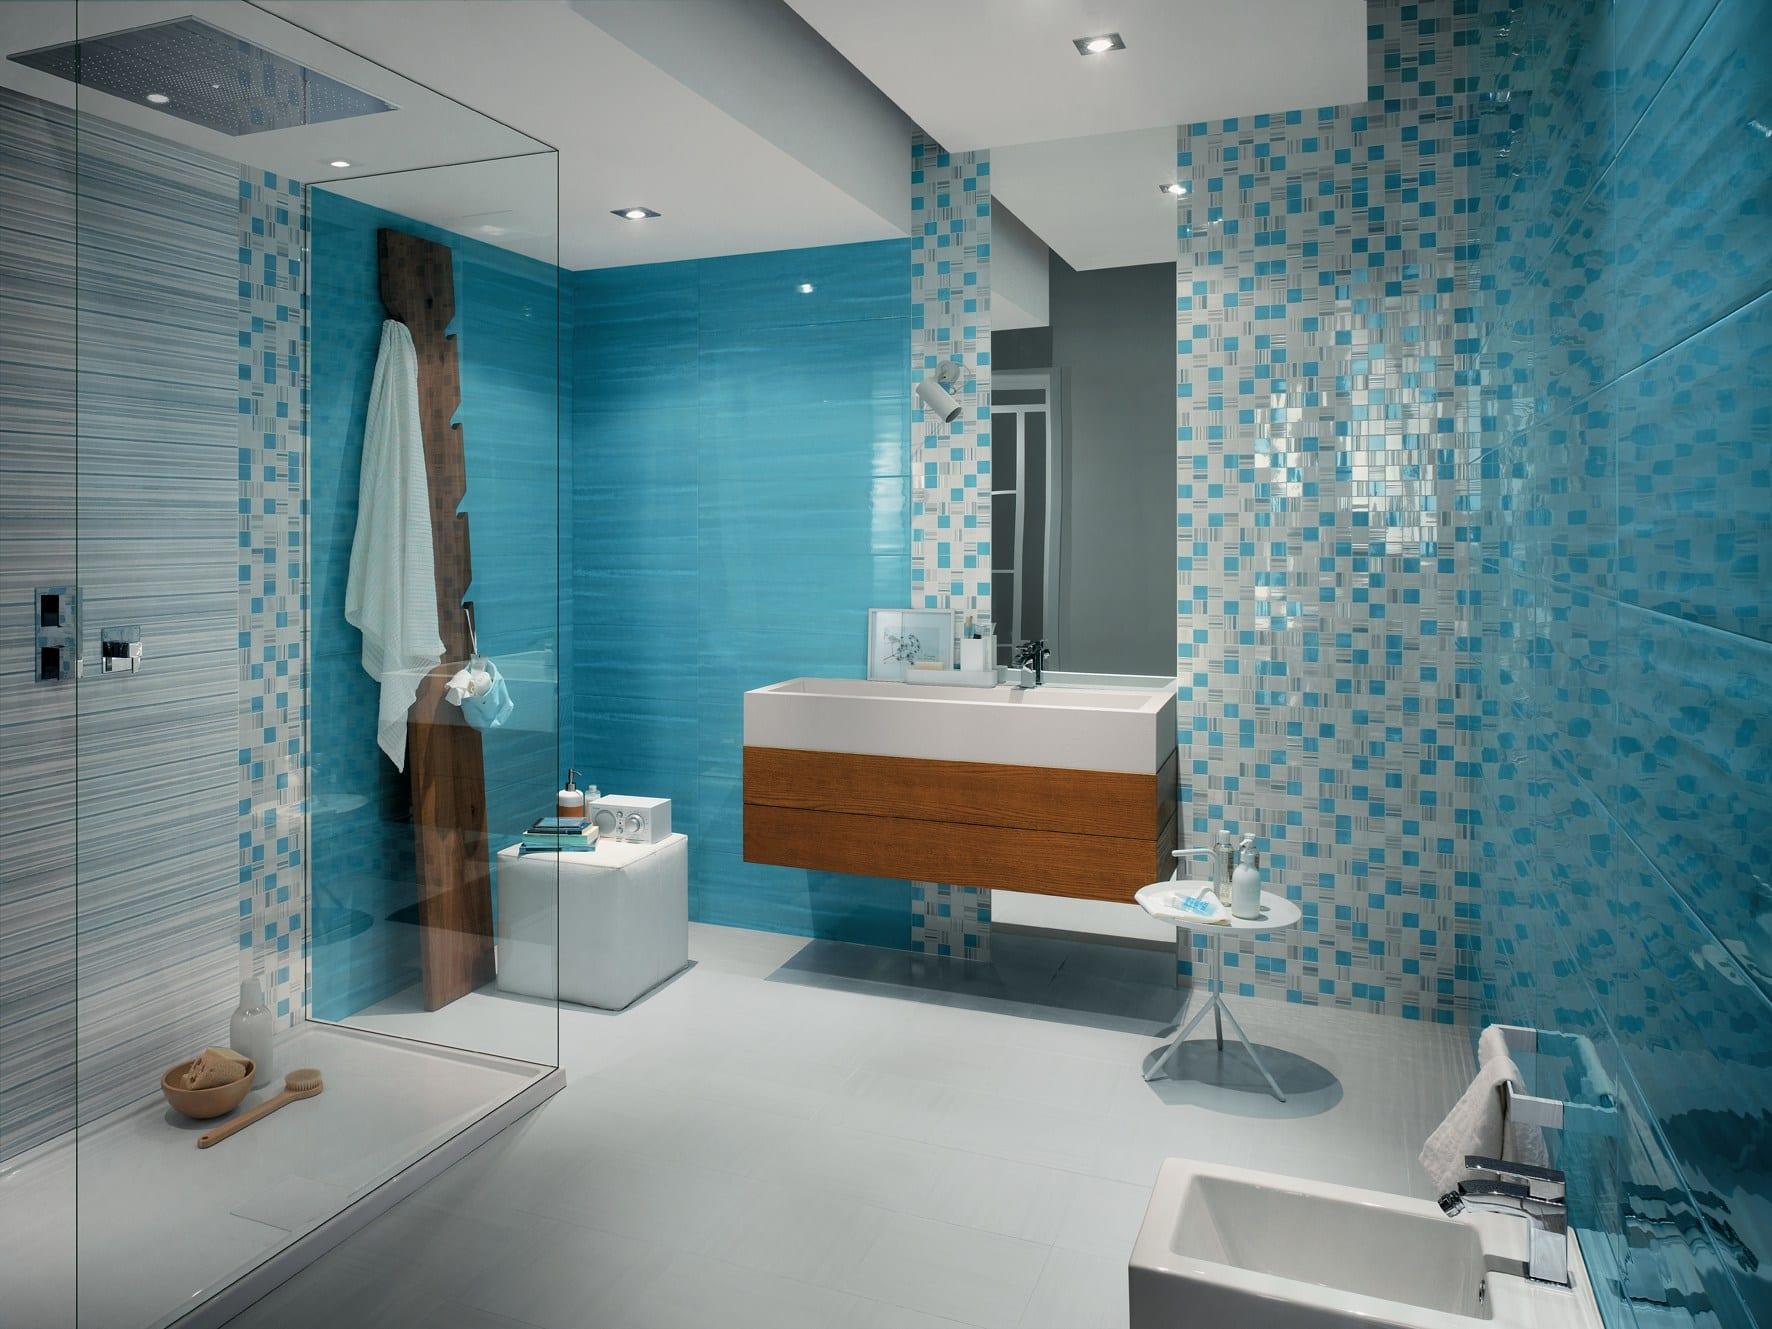 badezimmer interior in weiß und blau mit fliesen und mosaik